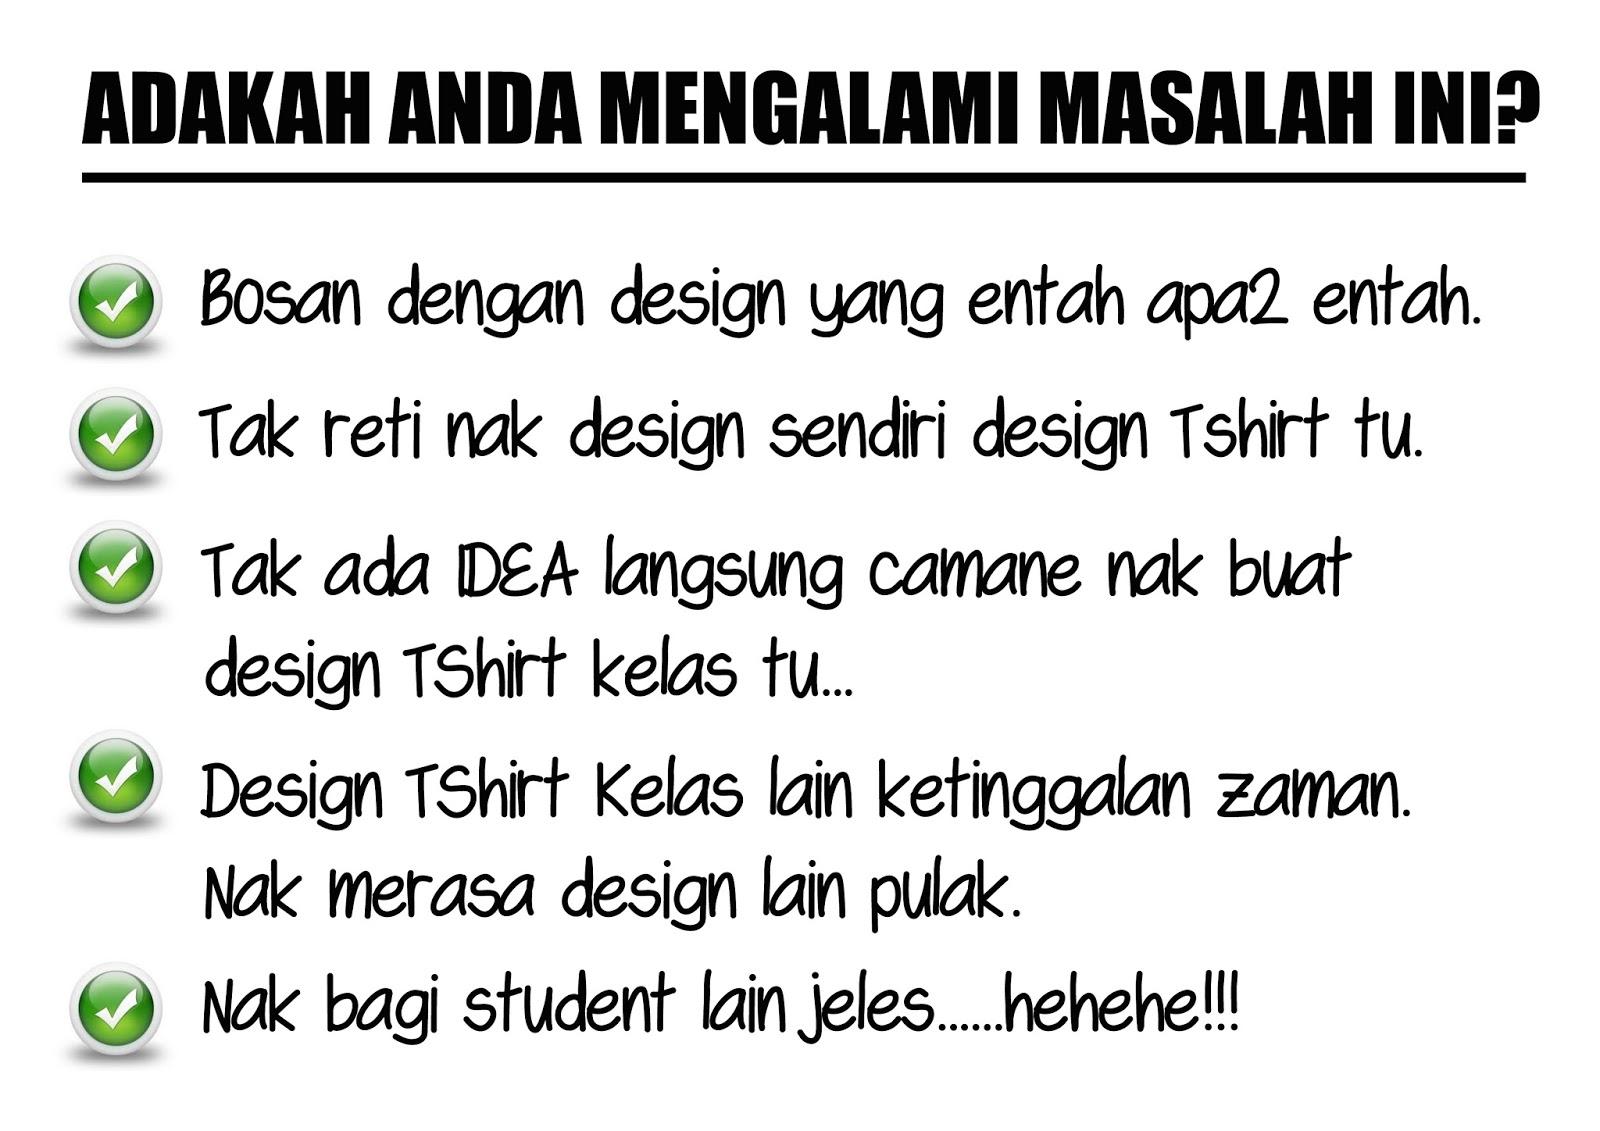 Design baju t shirt kelas - Oleh Fikri